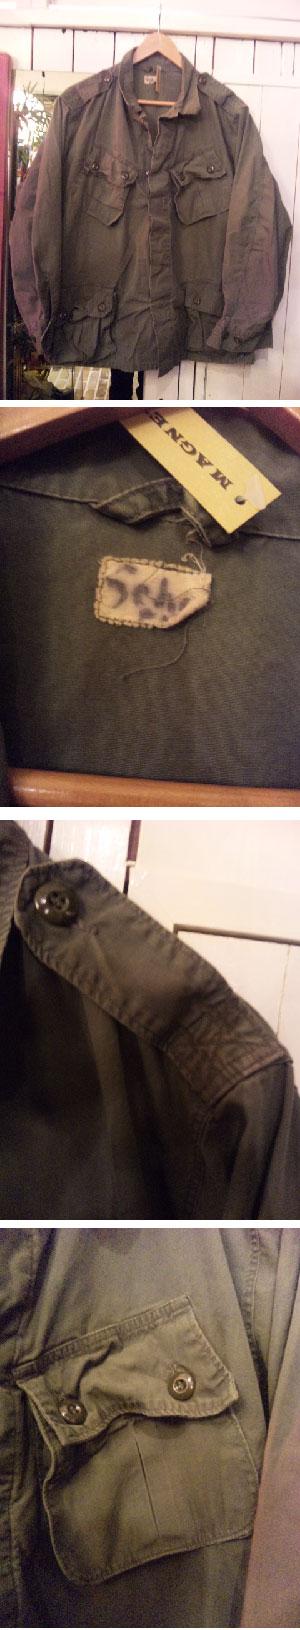 日曜日のオススメ商品(マグネッツ神戸店ヴィンテージアイテム)_c0078587_0183897.jpg